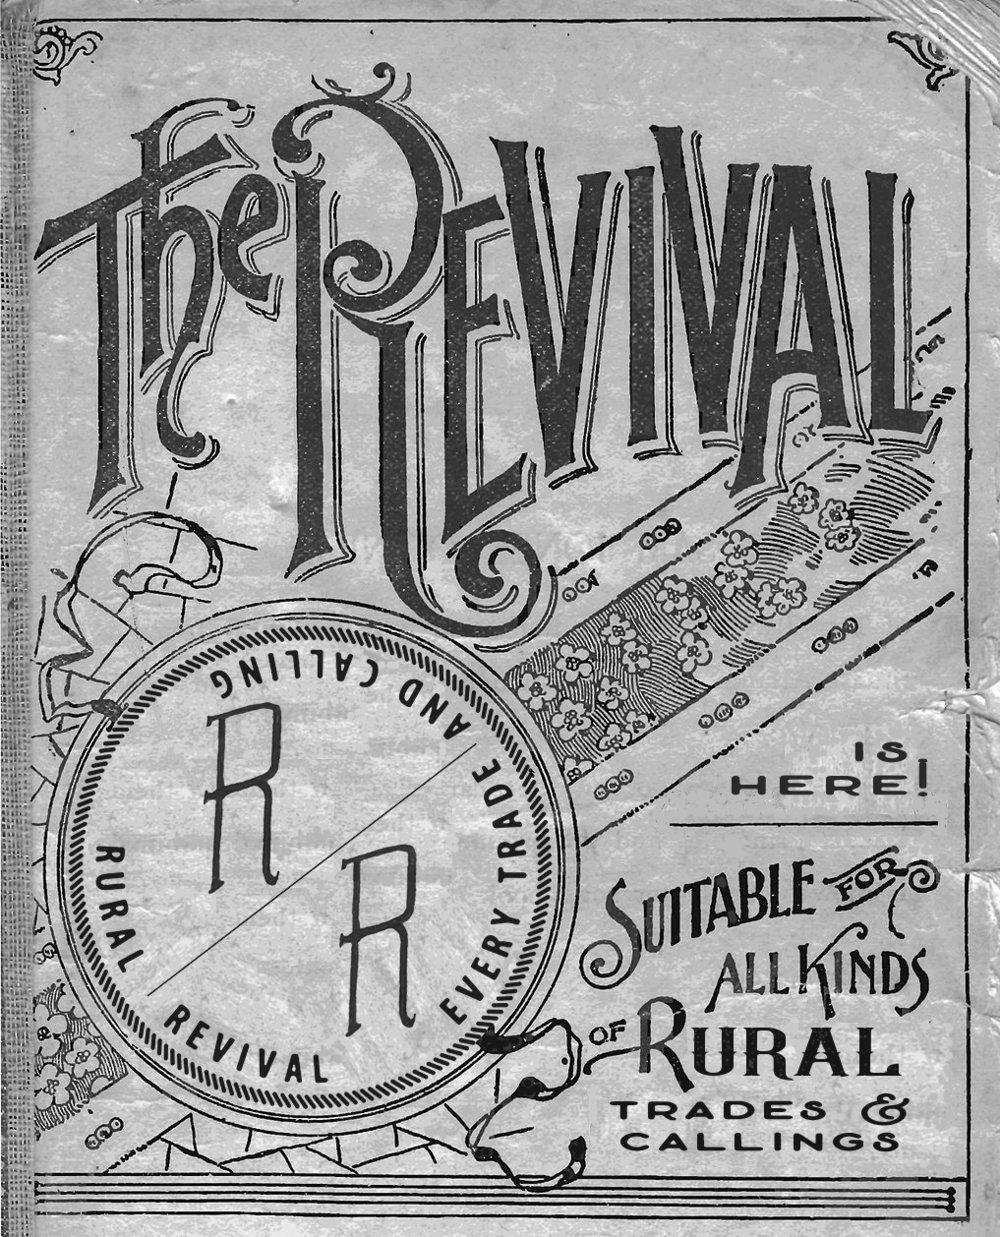 design for rural revival